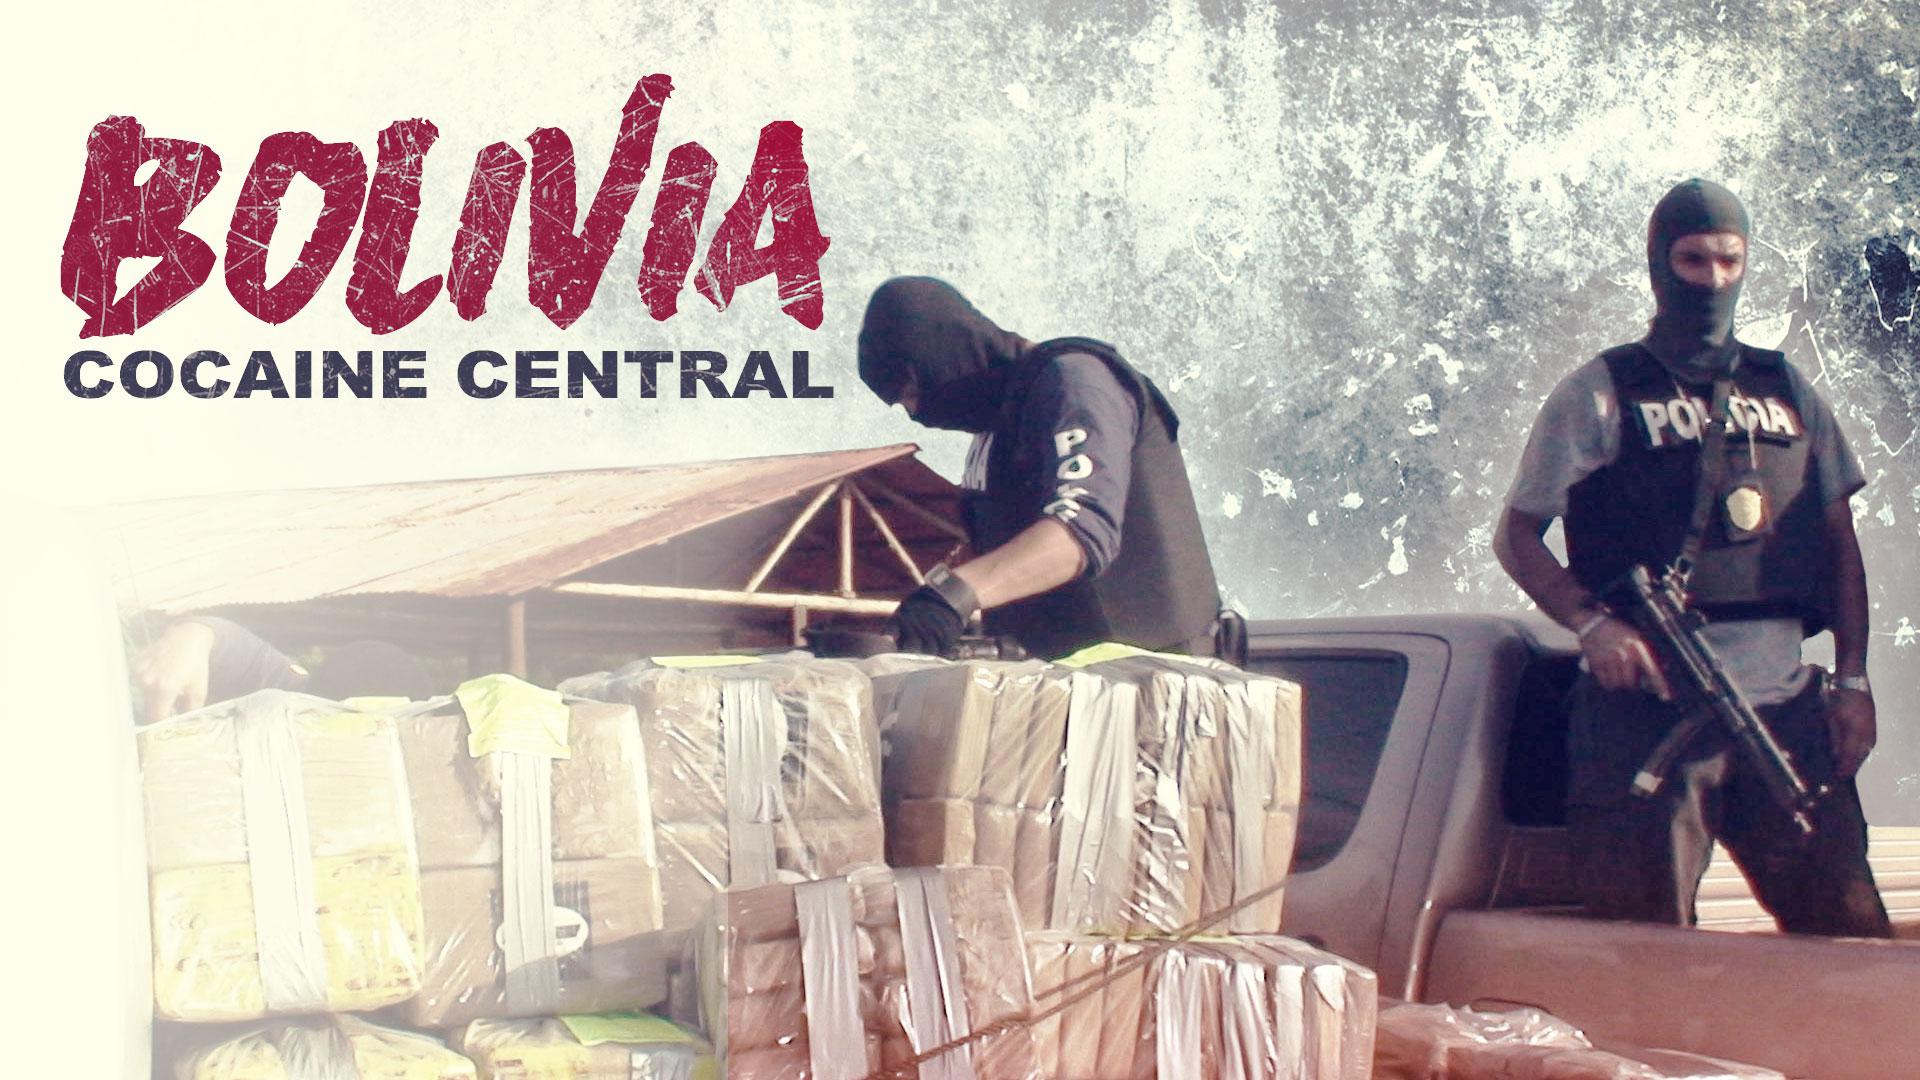 Bolivia: Cocaine Central